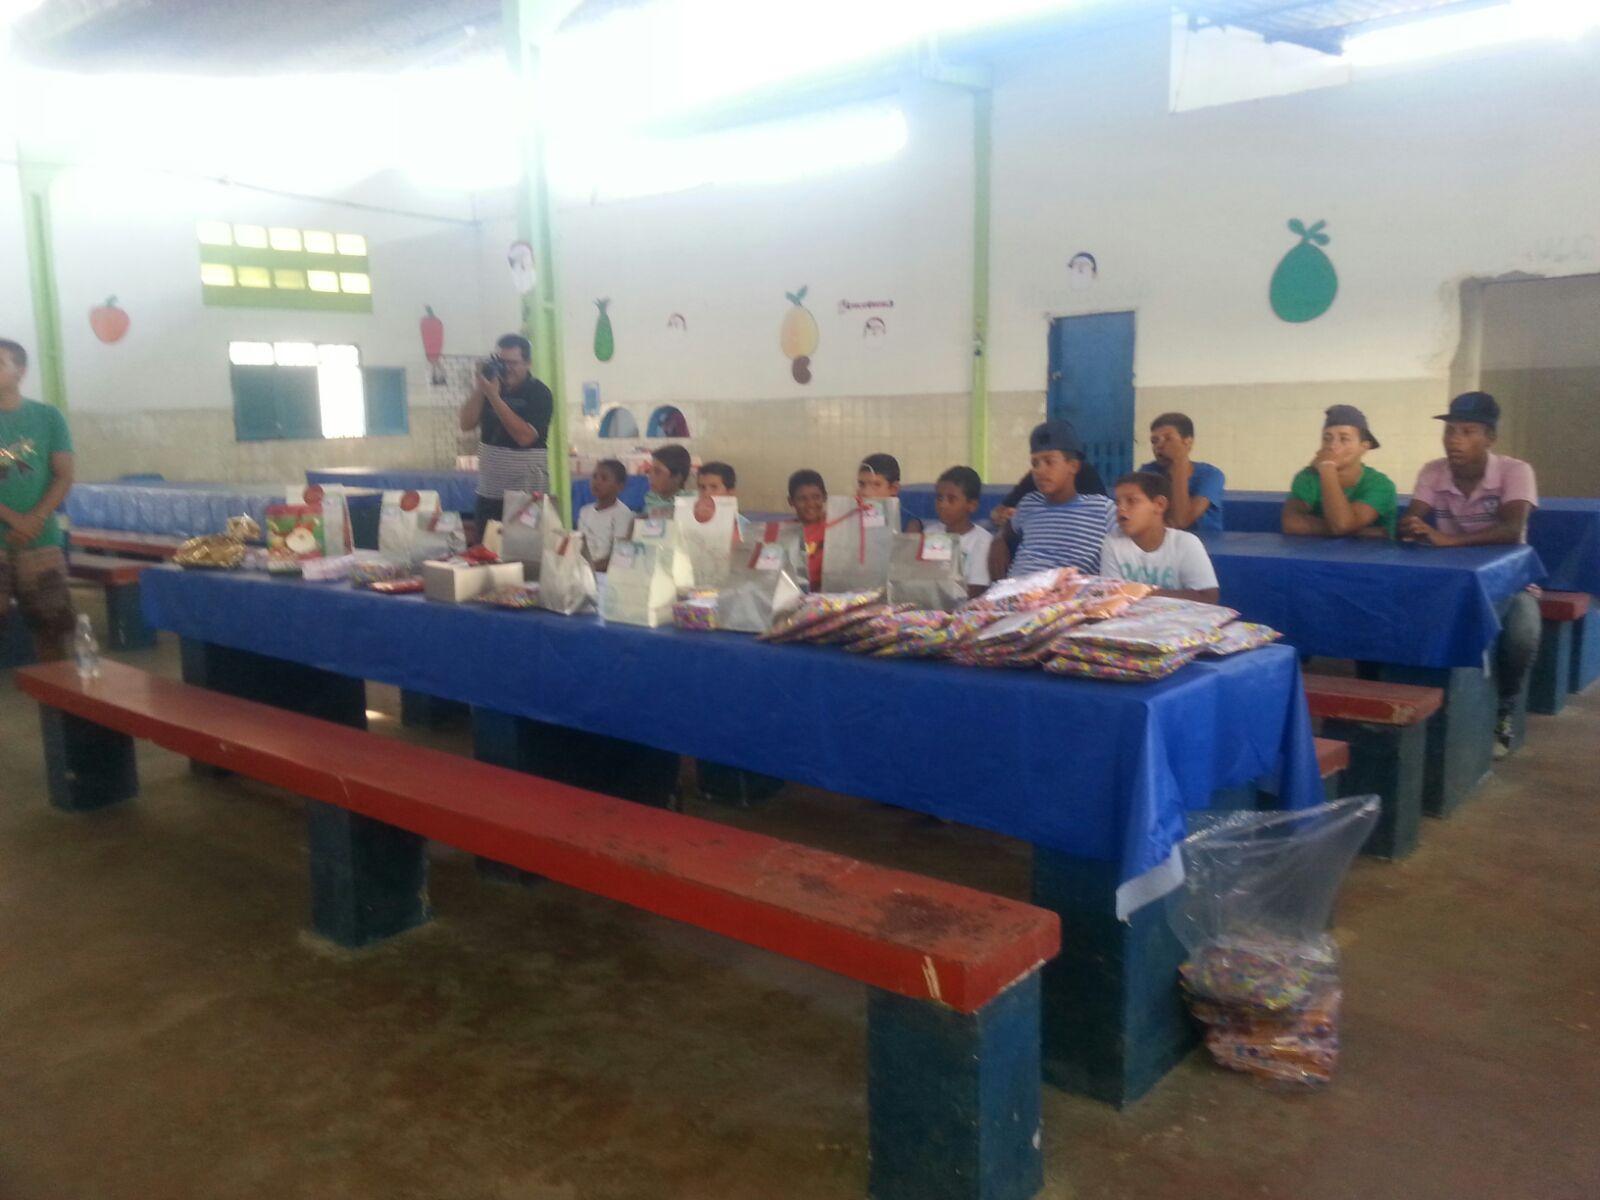 Voluntariado do Açúcar Alegre em Ação